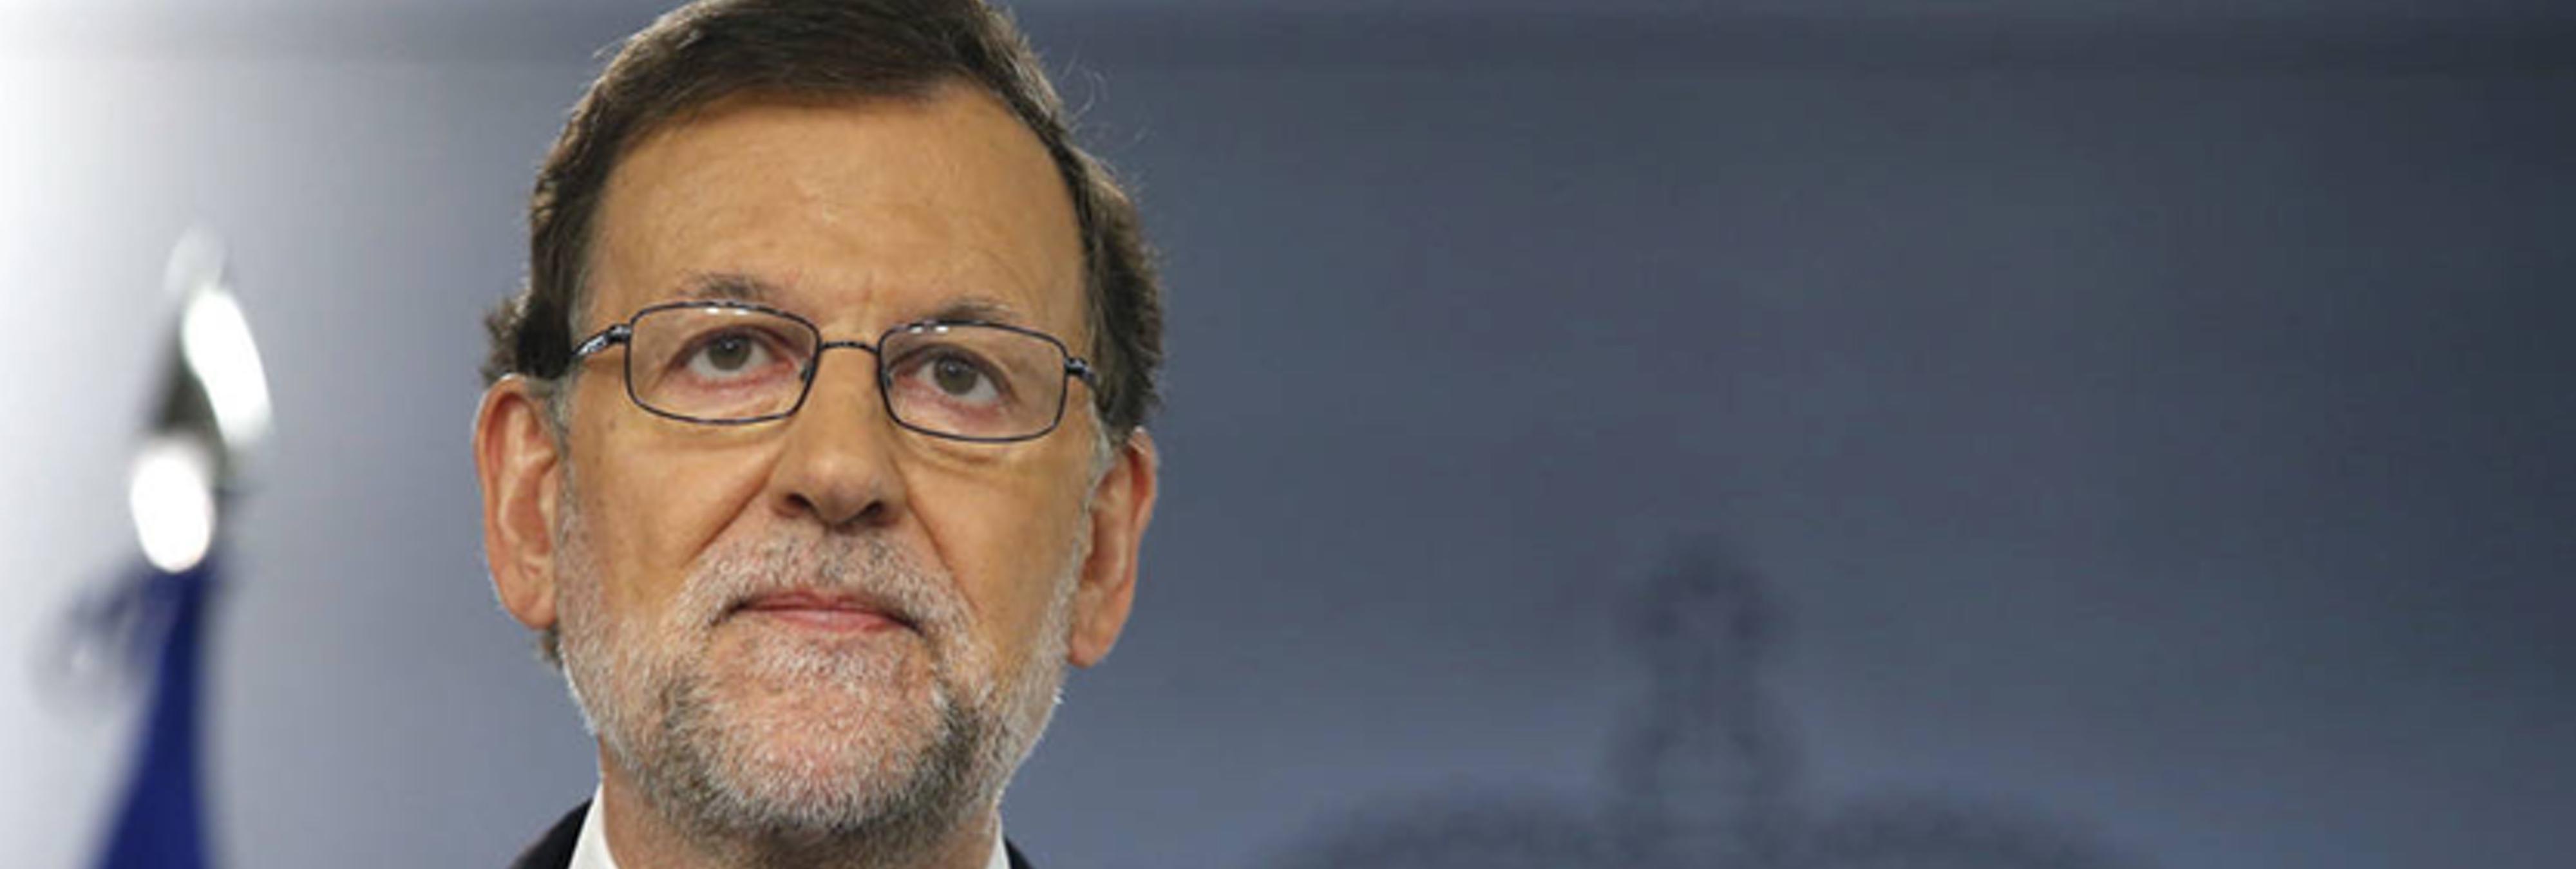 El PP ofrecerá un pacto a PSC y C's para que nunca se celebre un referéndum legal